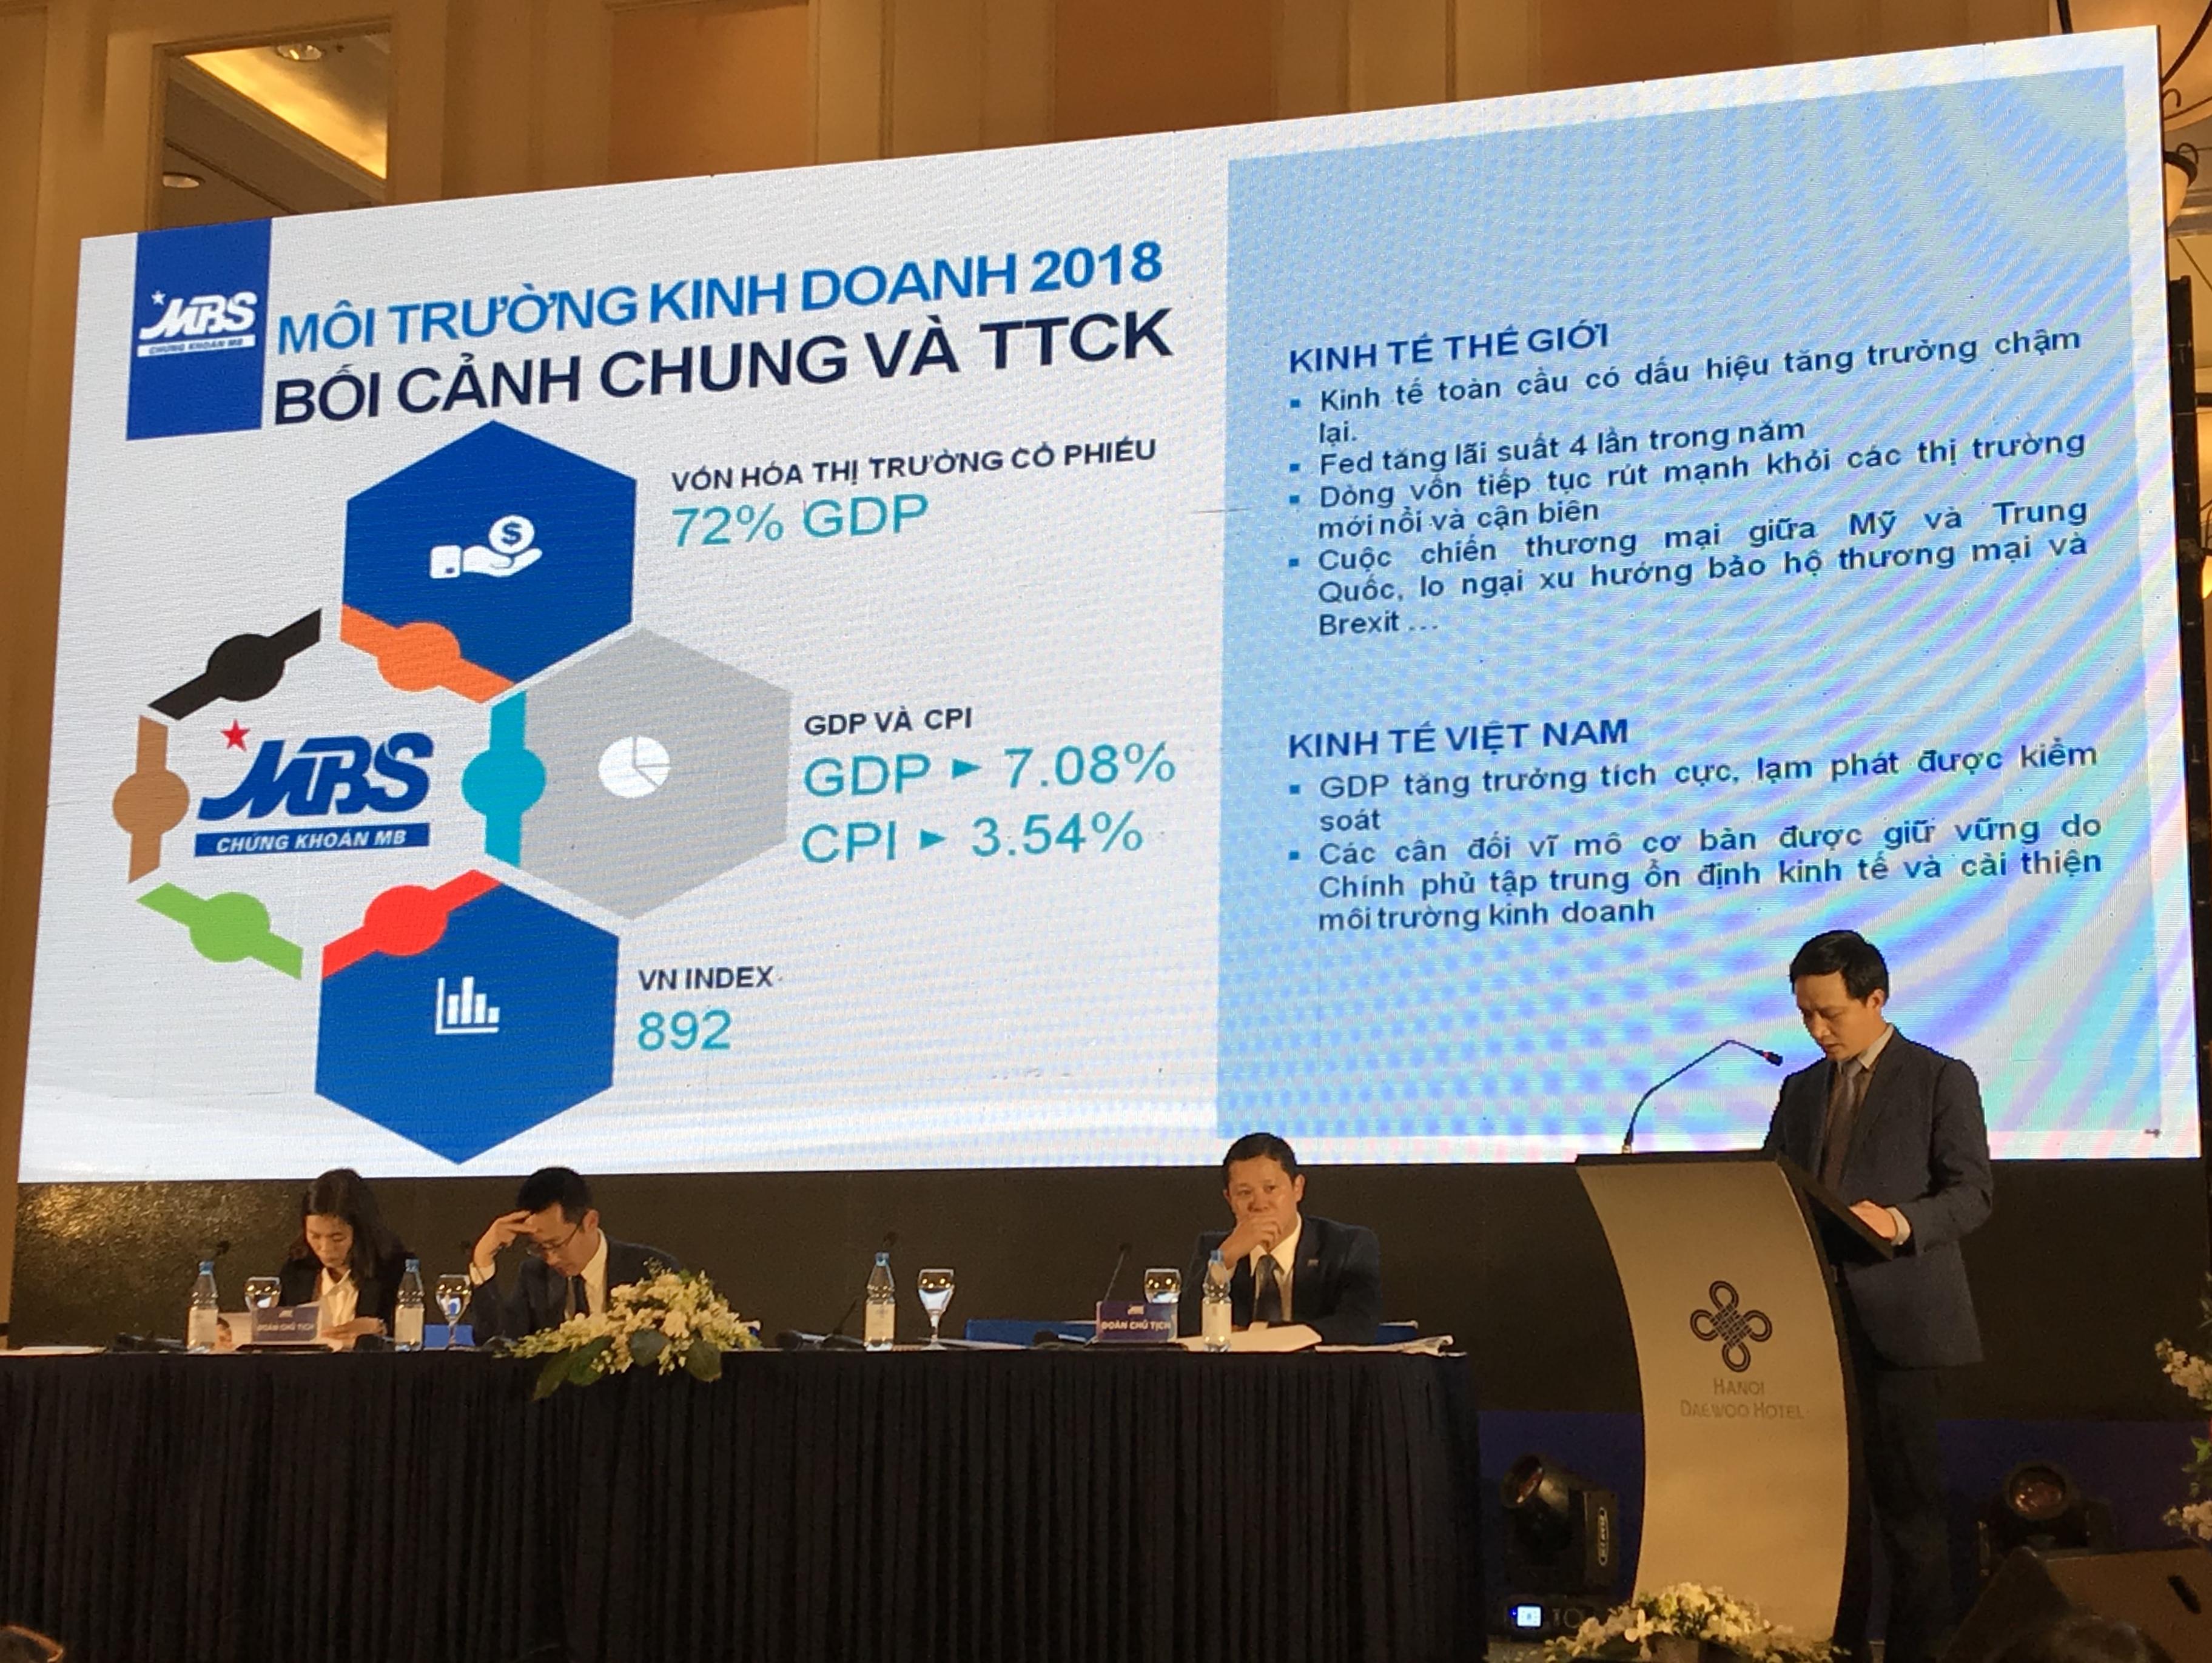 ĐHĐCĐ MBS: Không phá giá phí giao dịch chứng khoán, trả cổ tức bằng cổ phiếu có lợi hơn cho cổ đông